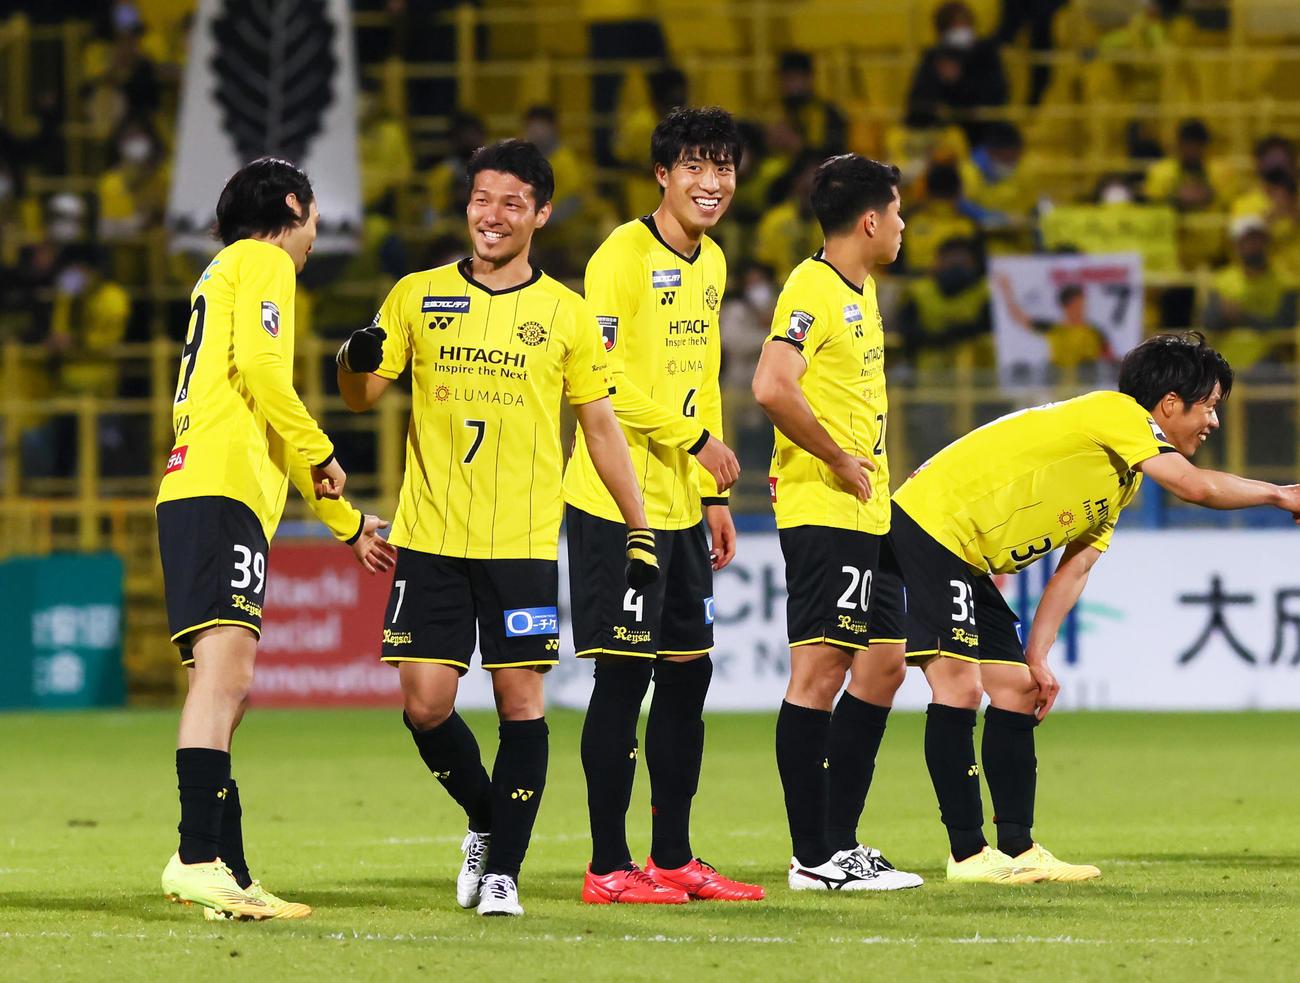 柏対G大阪 勝利し笑顔を見せる柏MF大谷(左から2人目)ら(撮影・足立雅史)